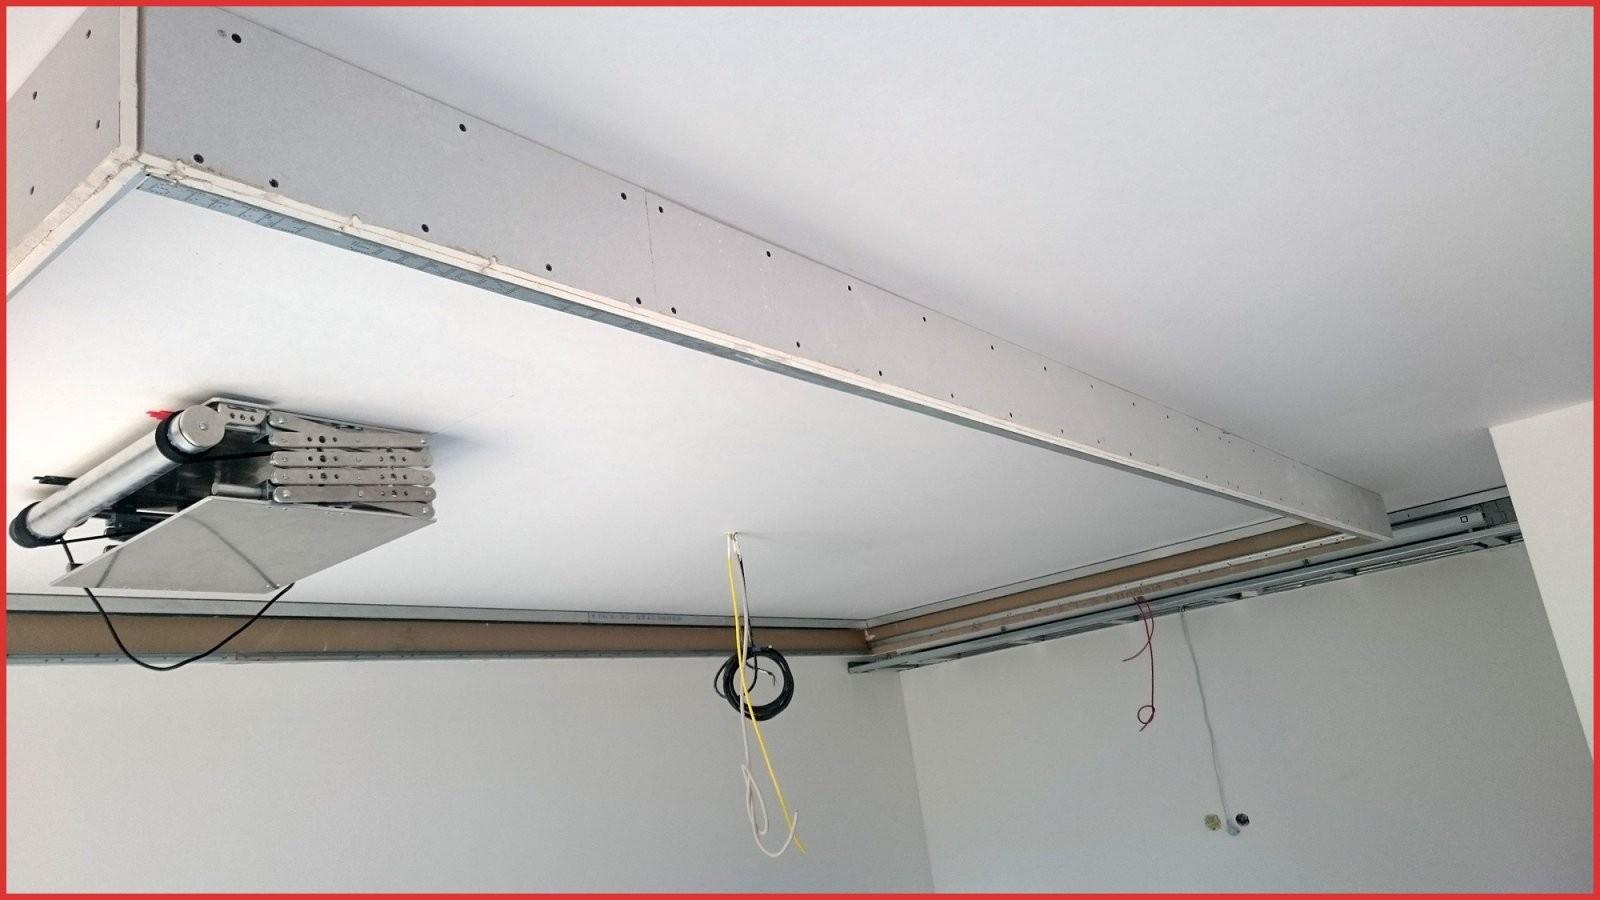 Indirekte Beleuchtung Selber Bauen Rigips 100970 20 Bilder Indirekte von Rigips Decke Indirekte Beleuchtung Bild